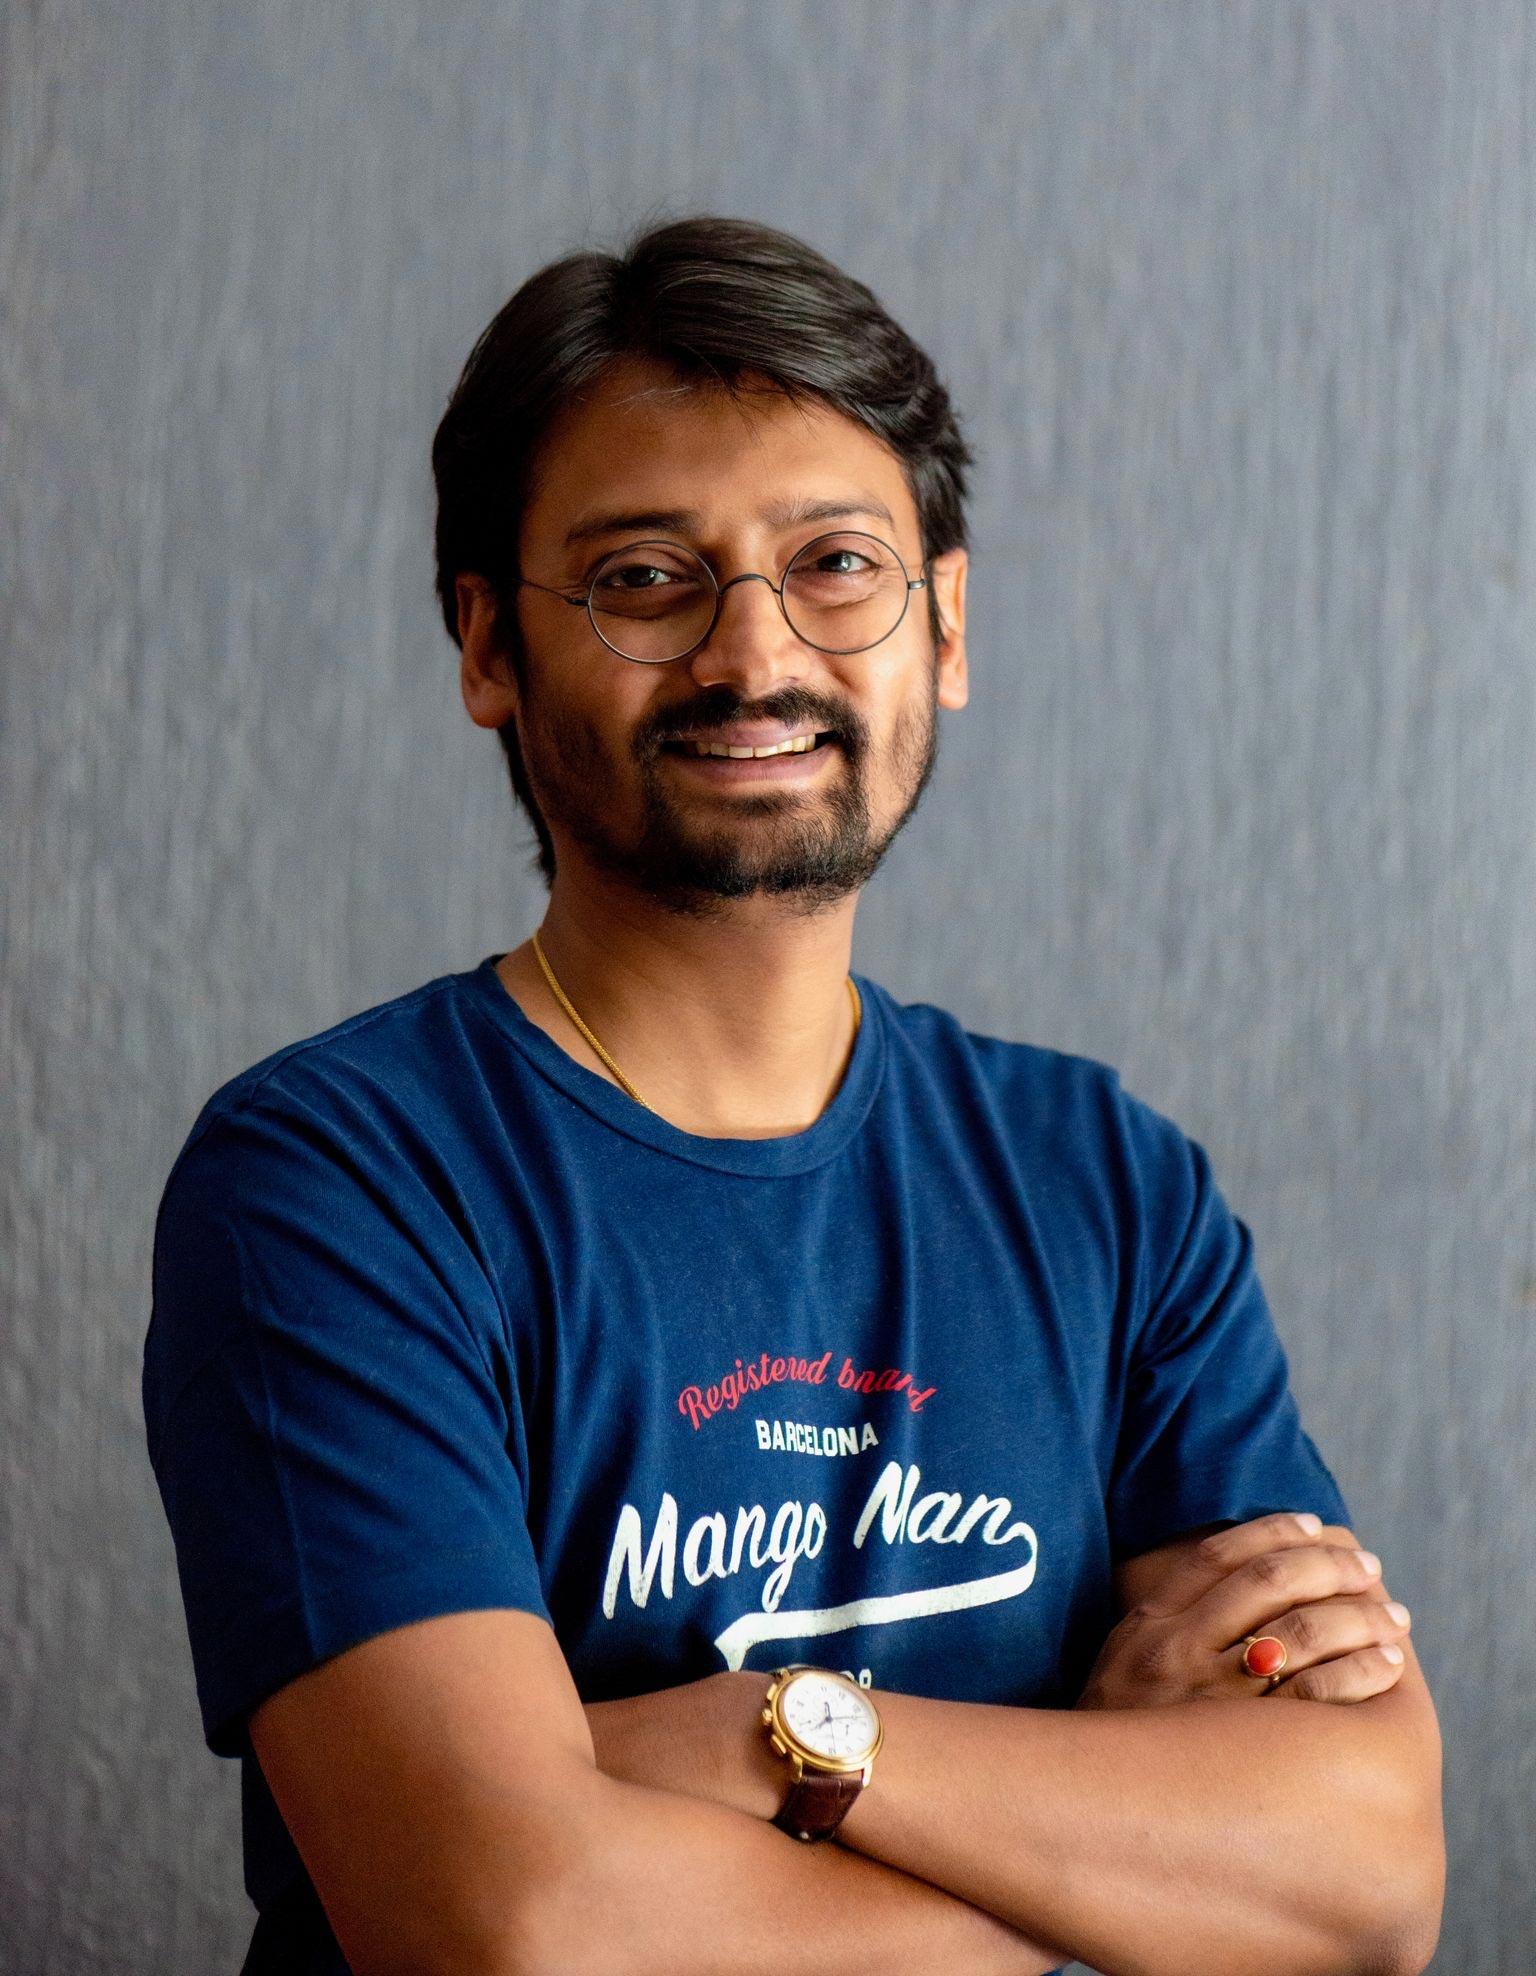 Prateek M. Srivastava